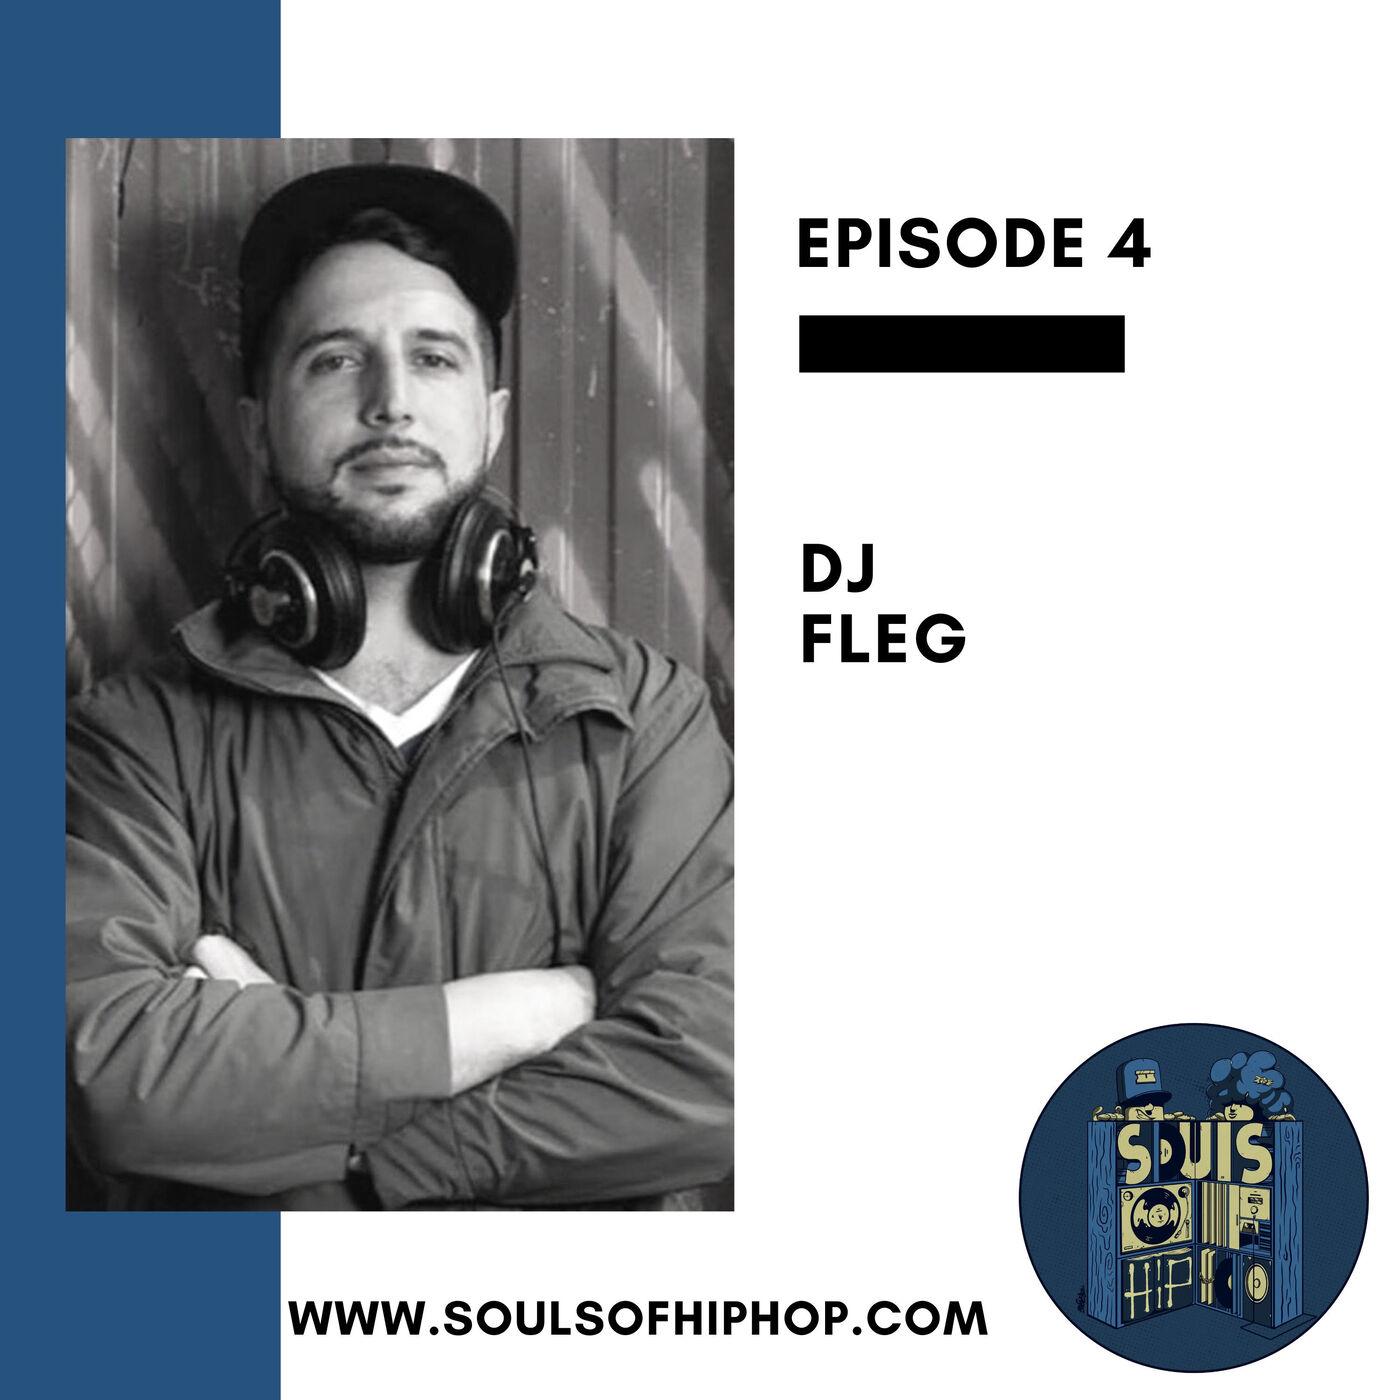 DJ Fleg